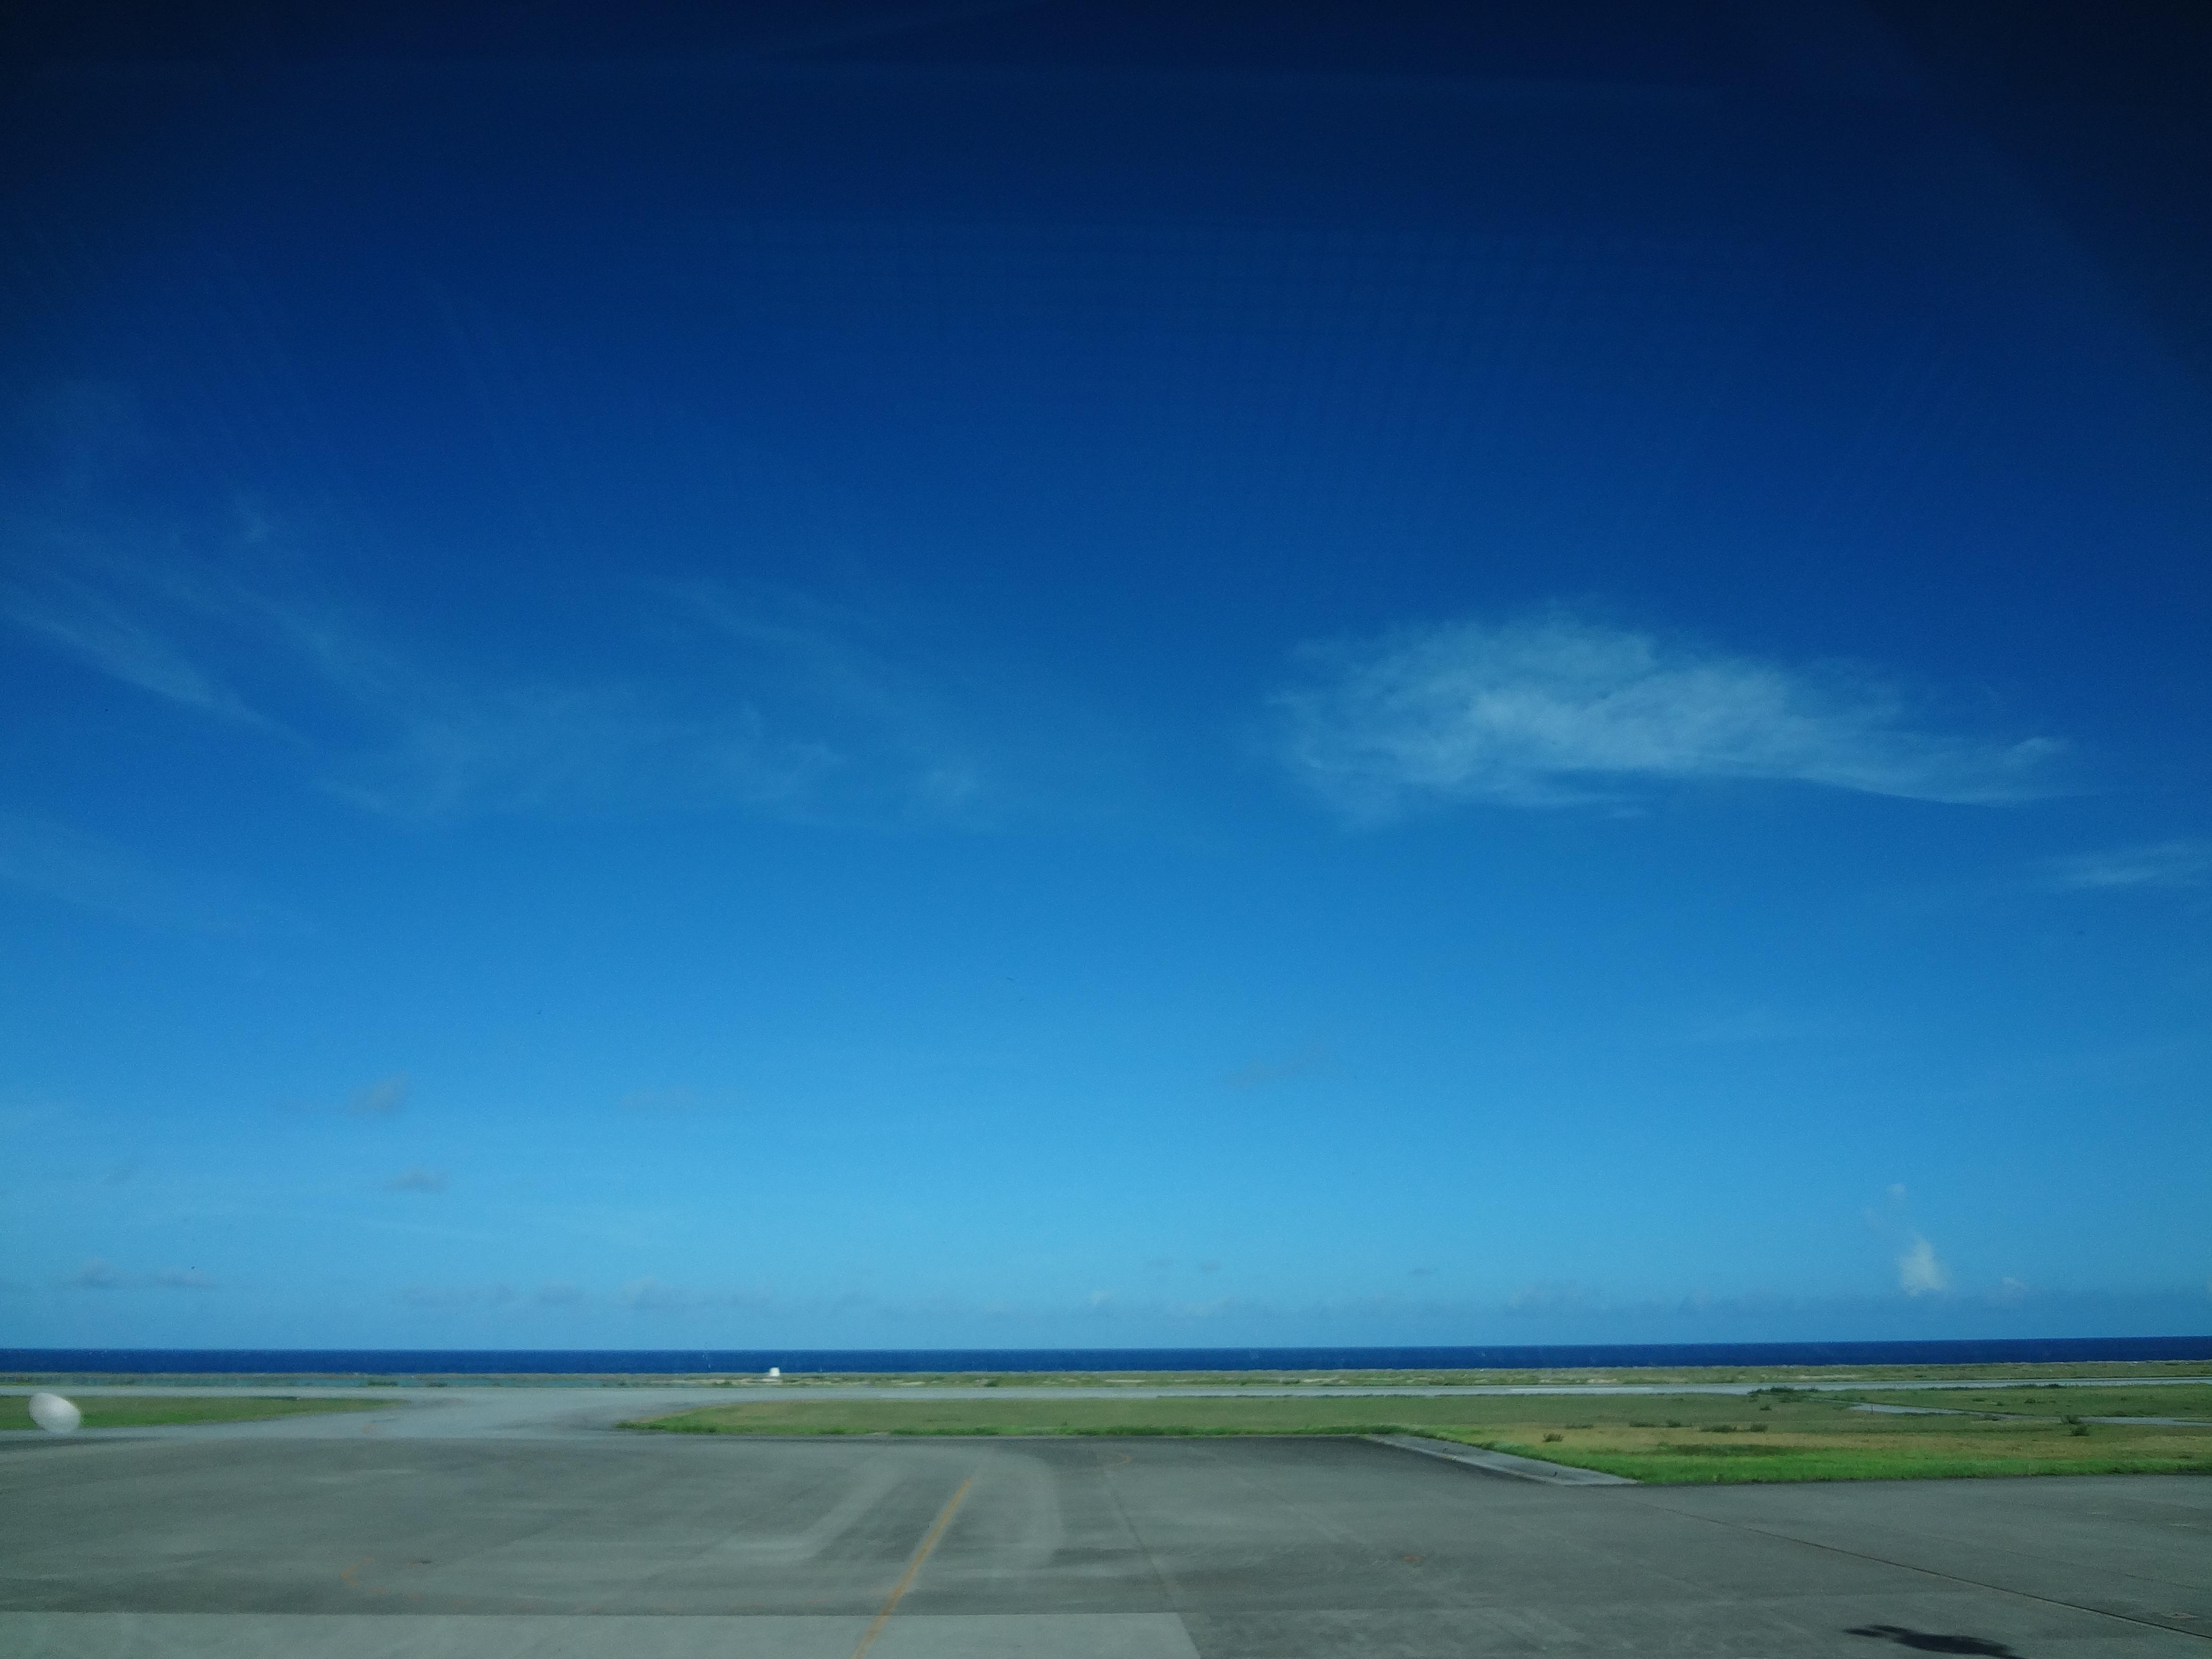 kume_airport